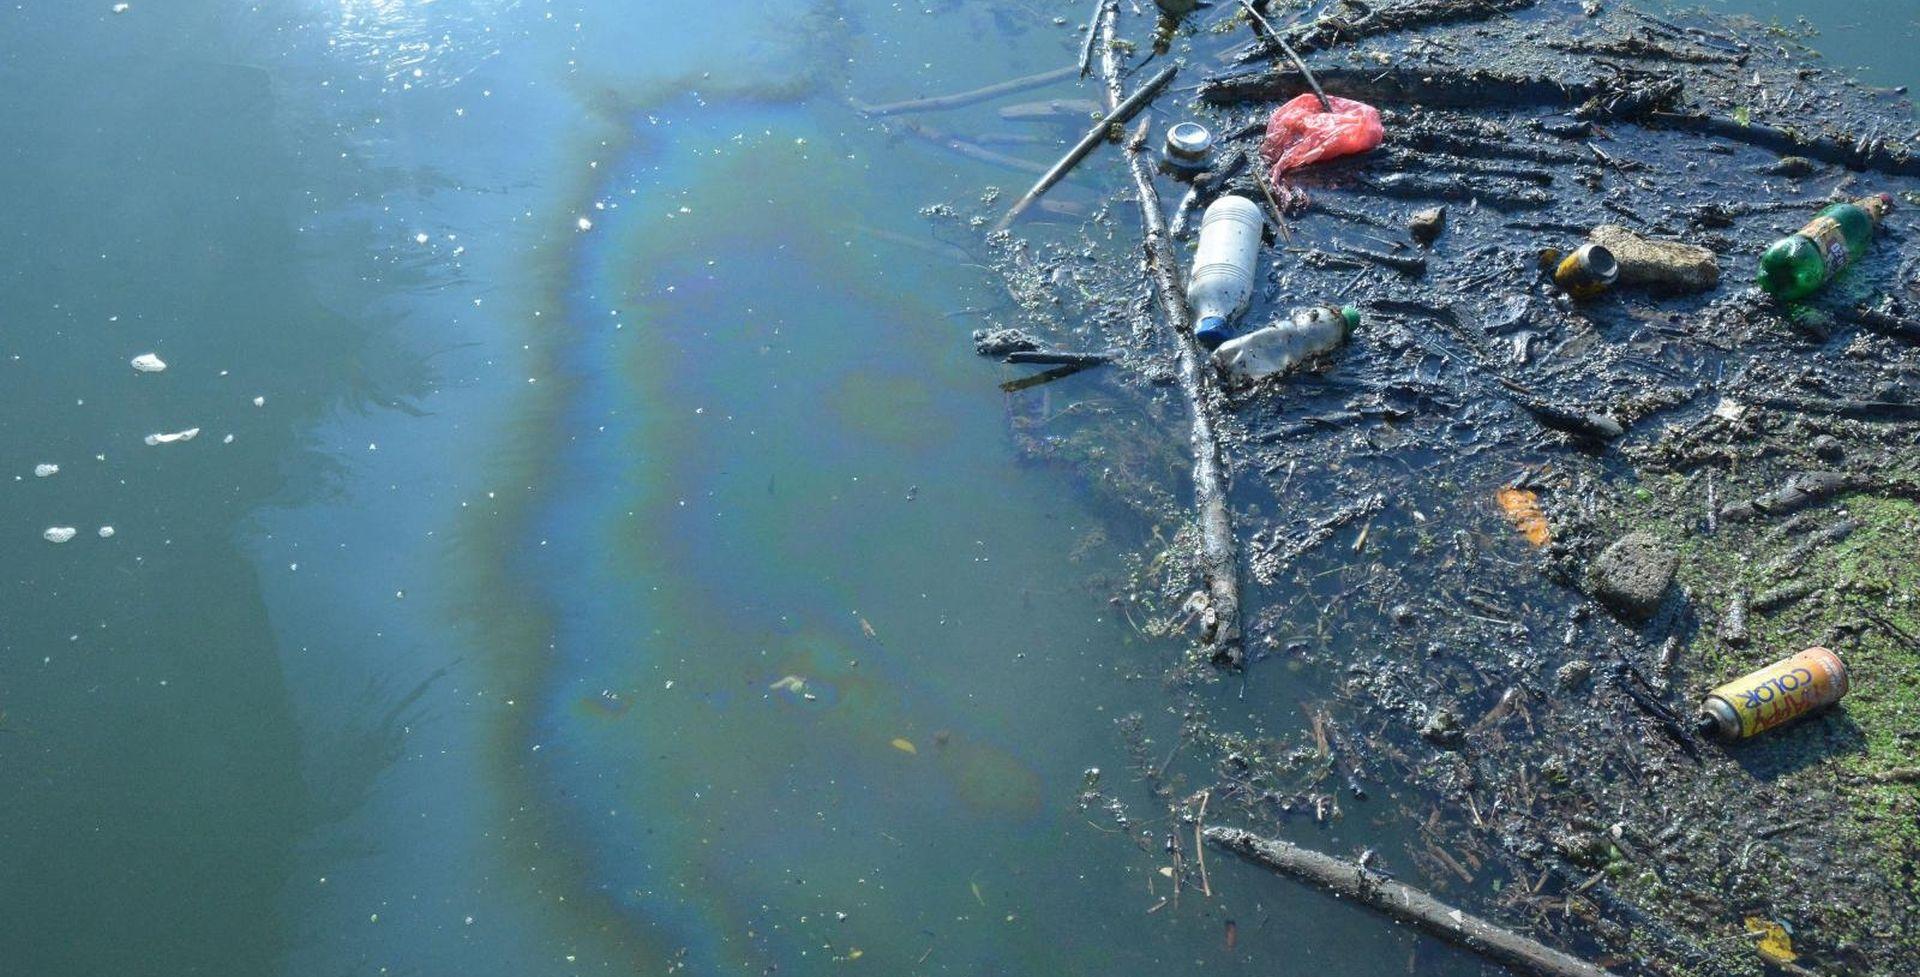 Naftna mrlja na Savi duga 5 kilometara, široka 15 metara